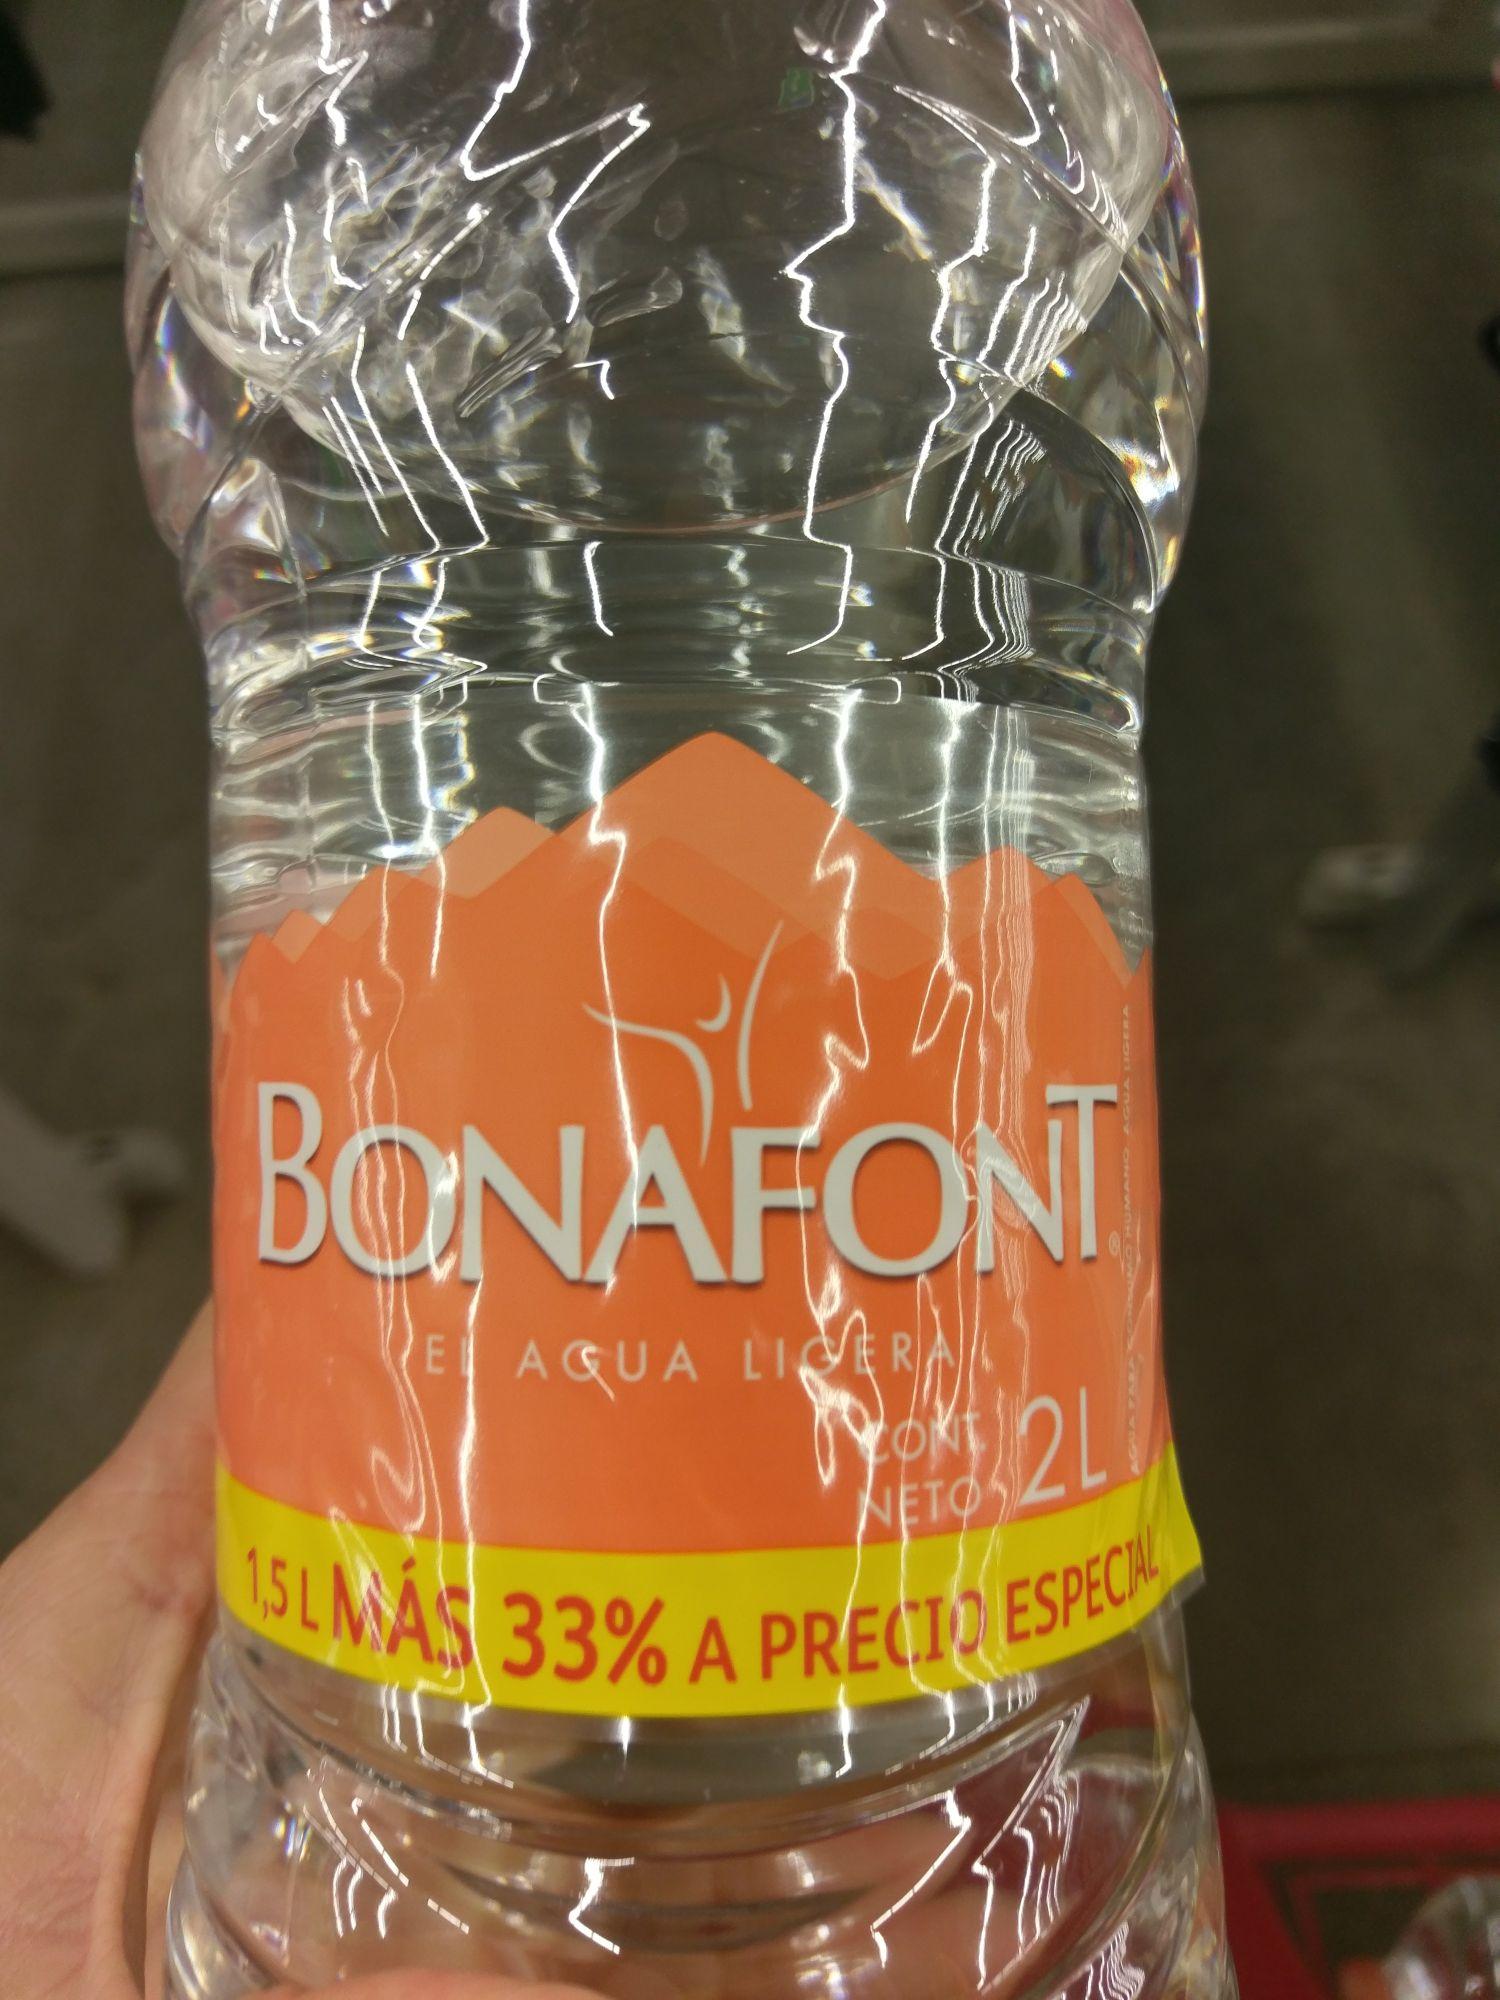 Bodega Aurrerá: Bonafont 1.5lts+33%= 2lts a $4.02